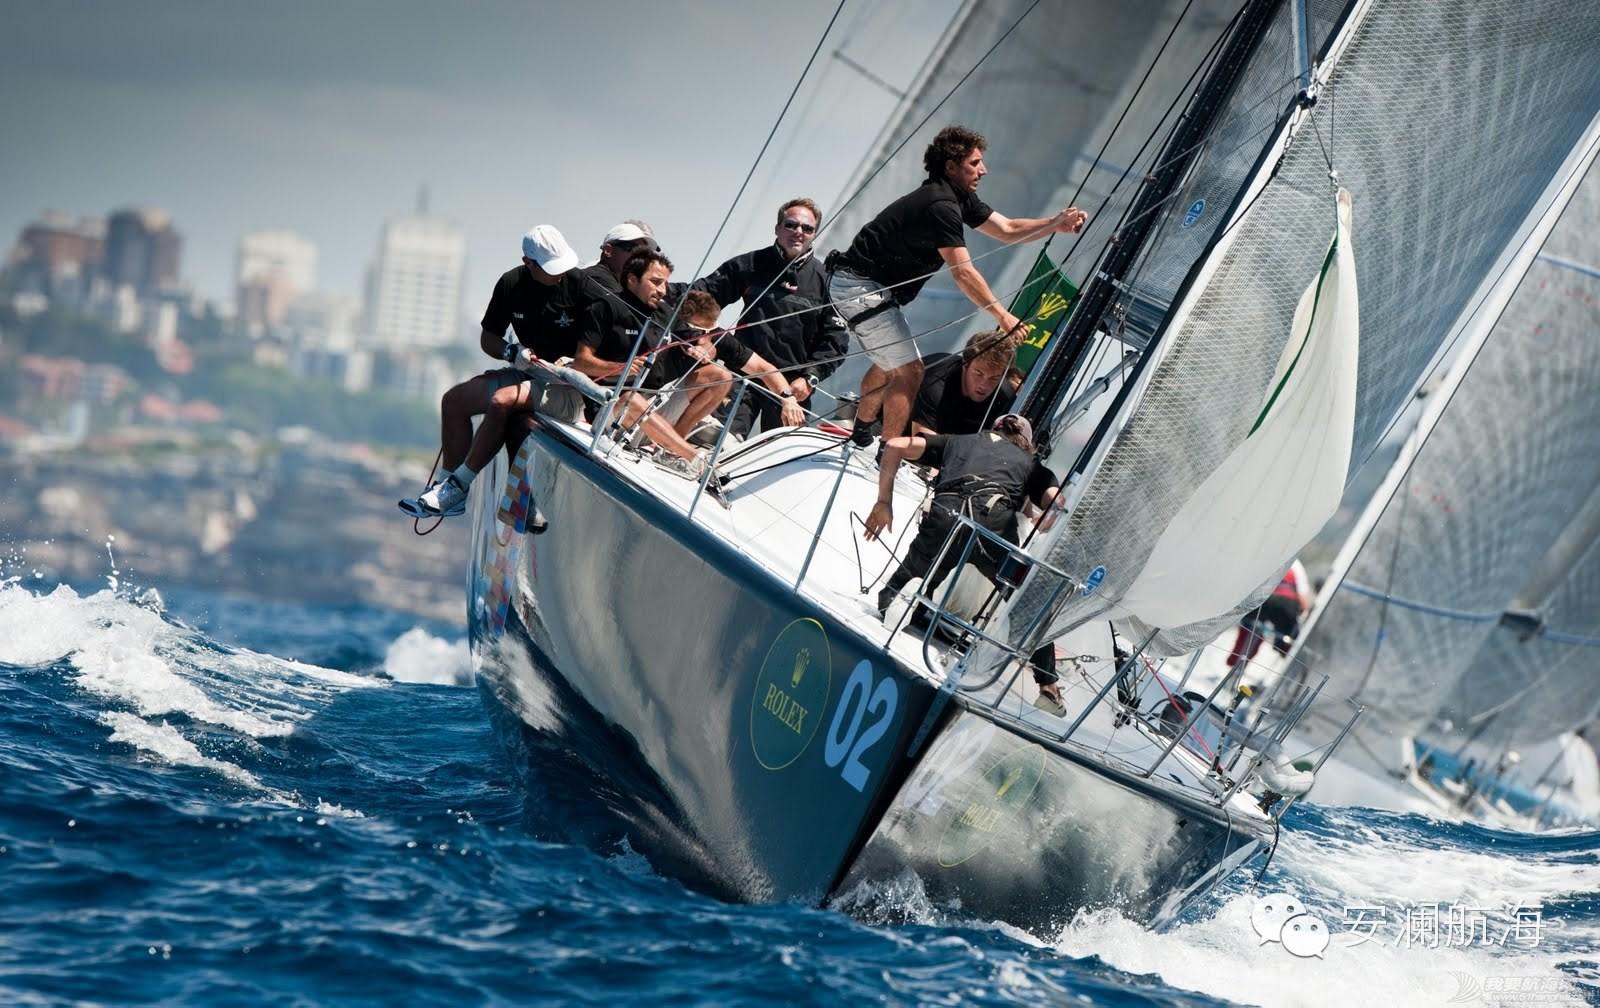 为什么帆船是最好的运动? d4d4725de47a1a2de8aa4a0eebd9d299.jpg